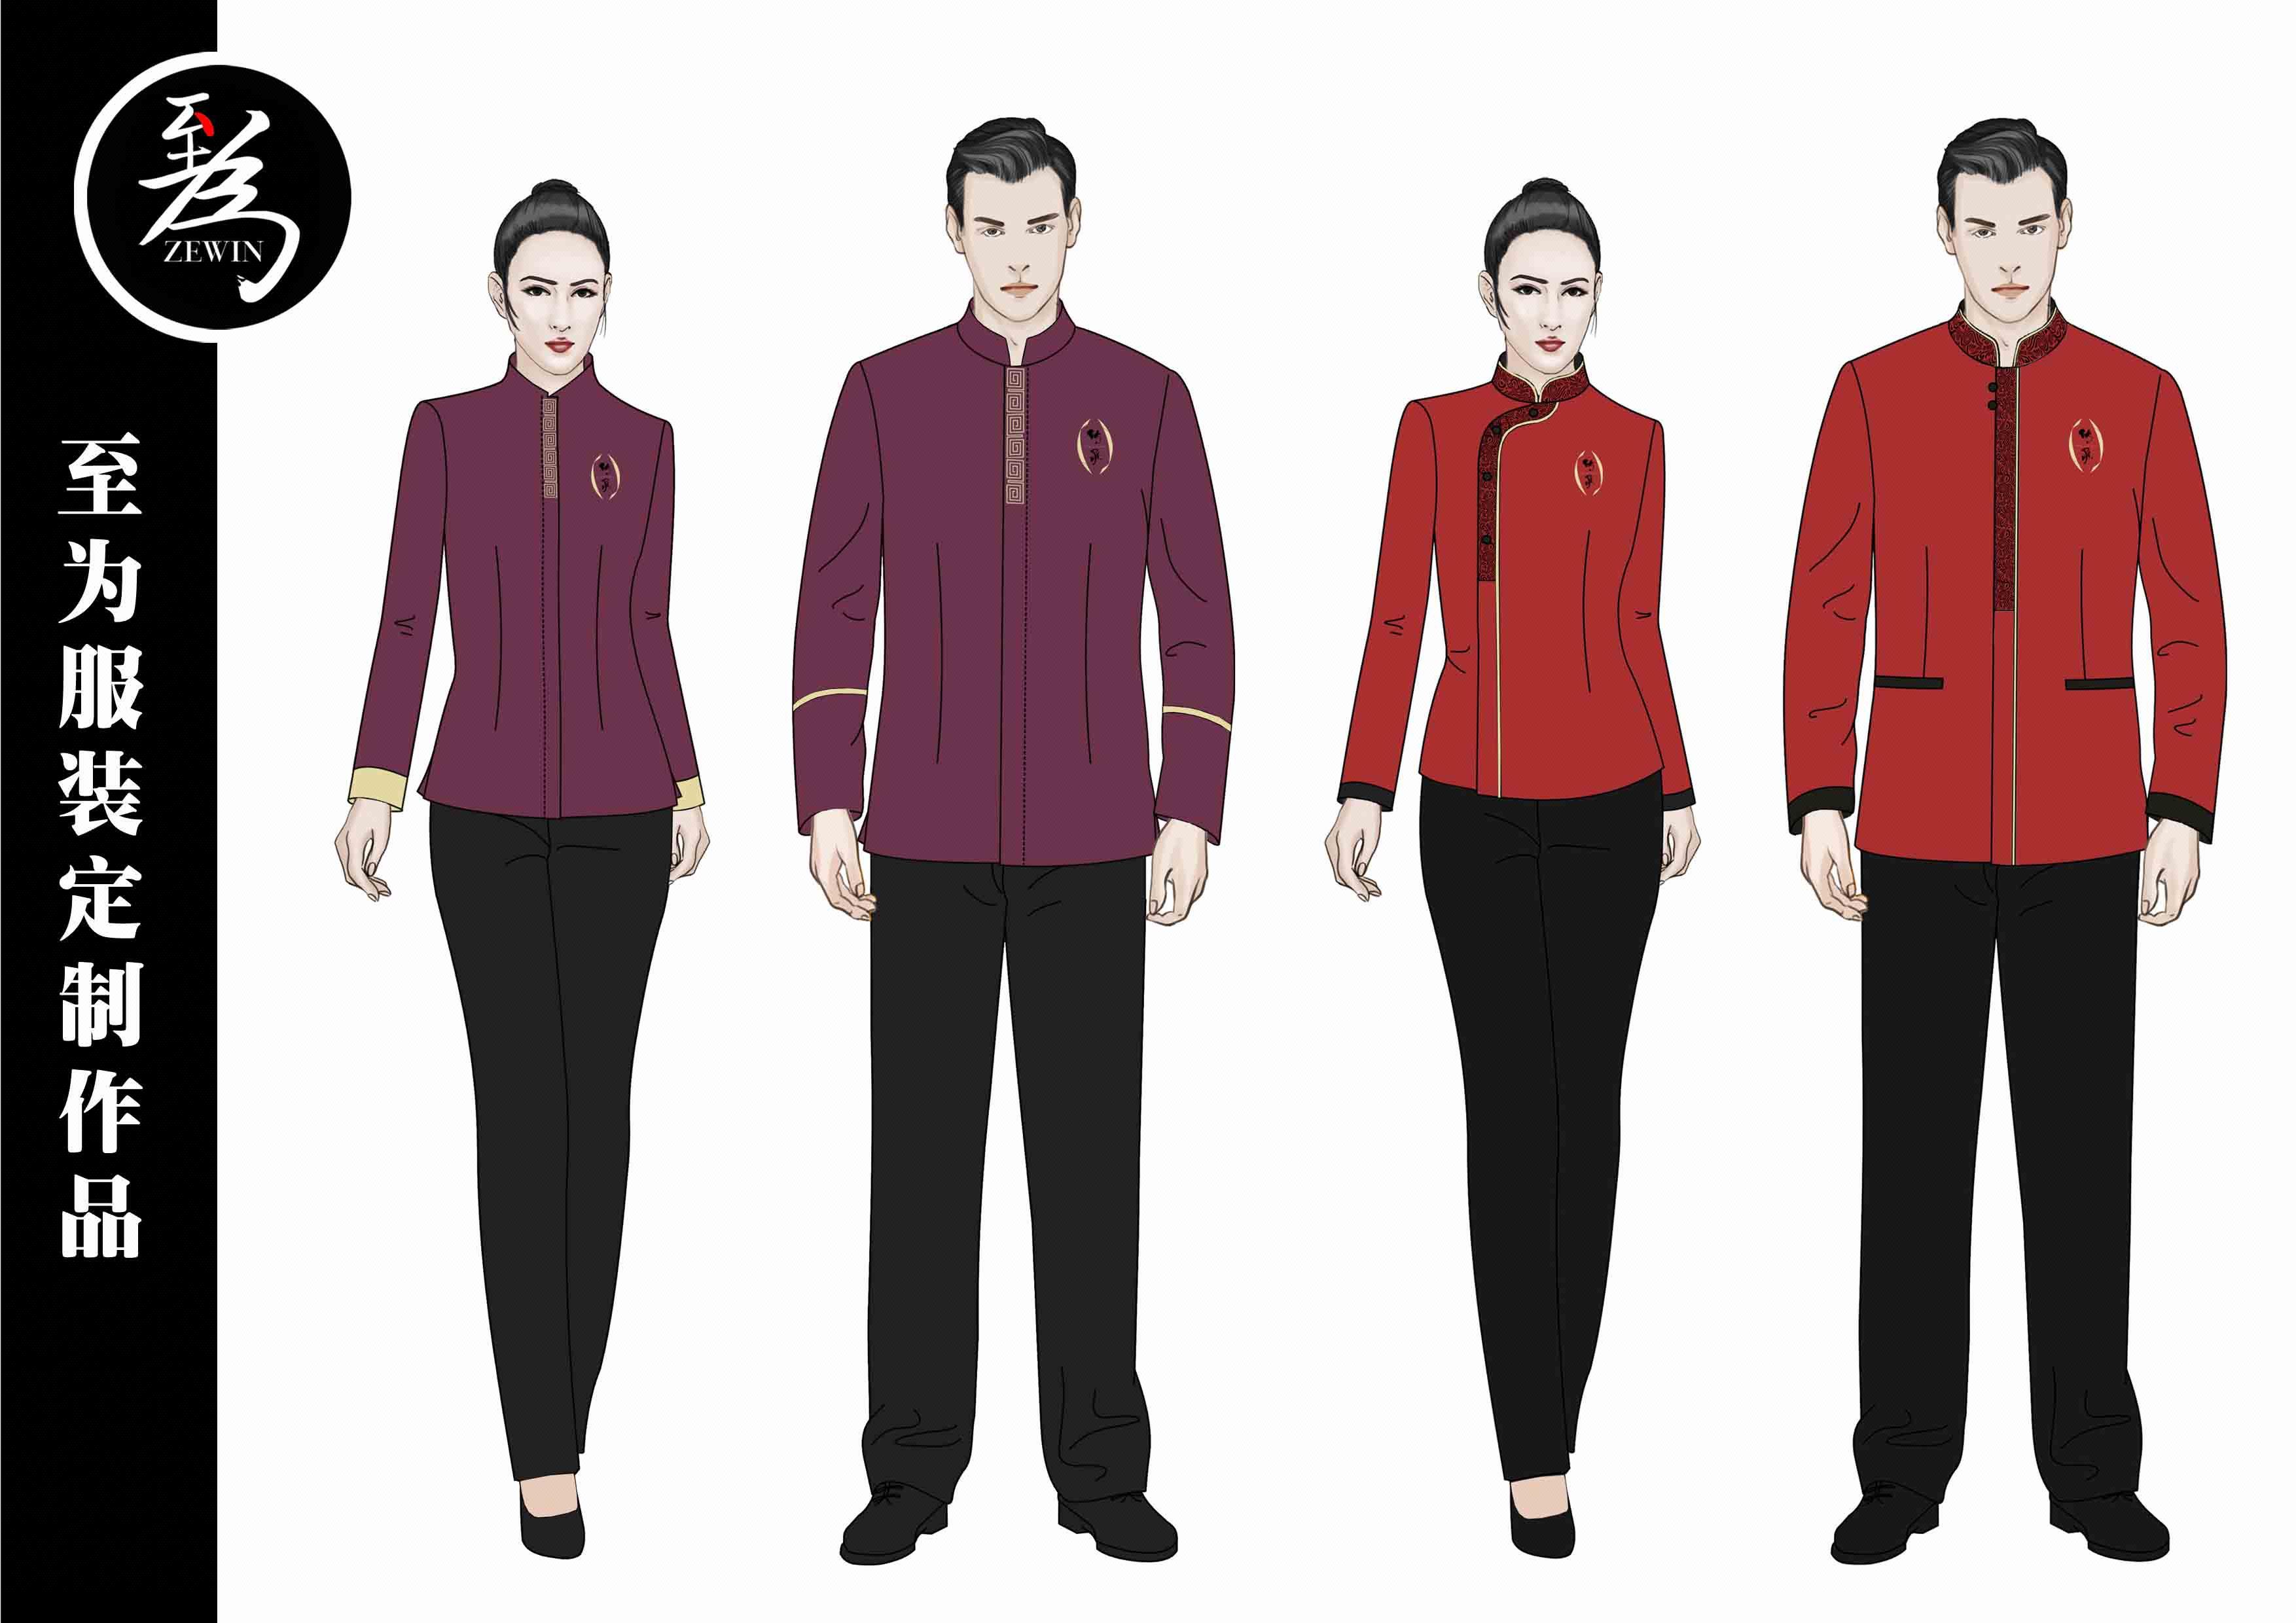 工作服装设计 工厂服 修车服 服务员服装 酒店服装